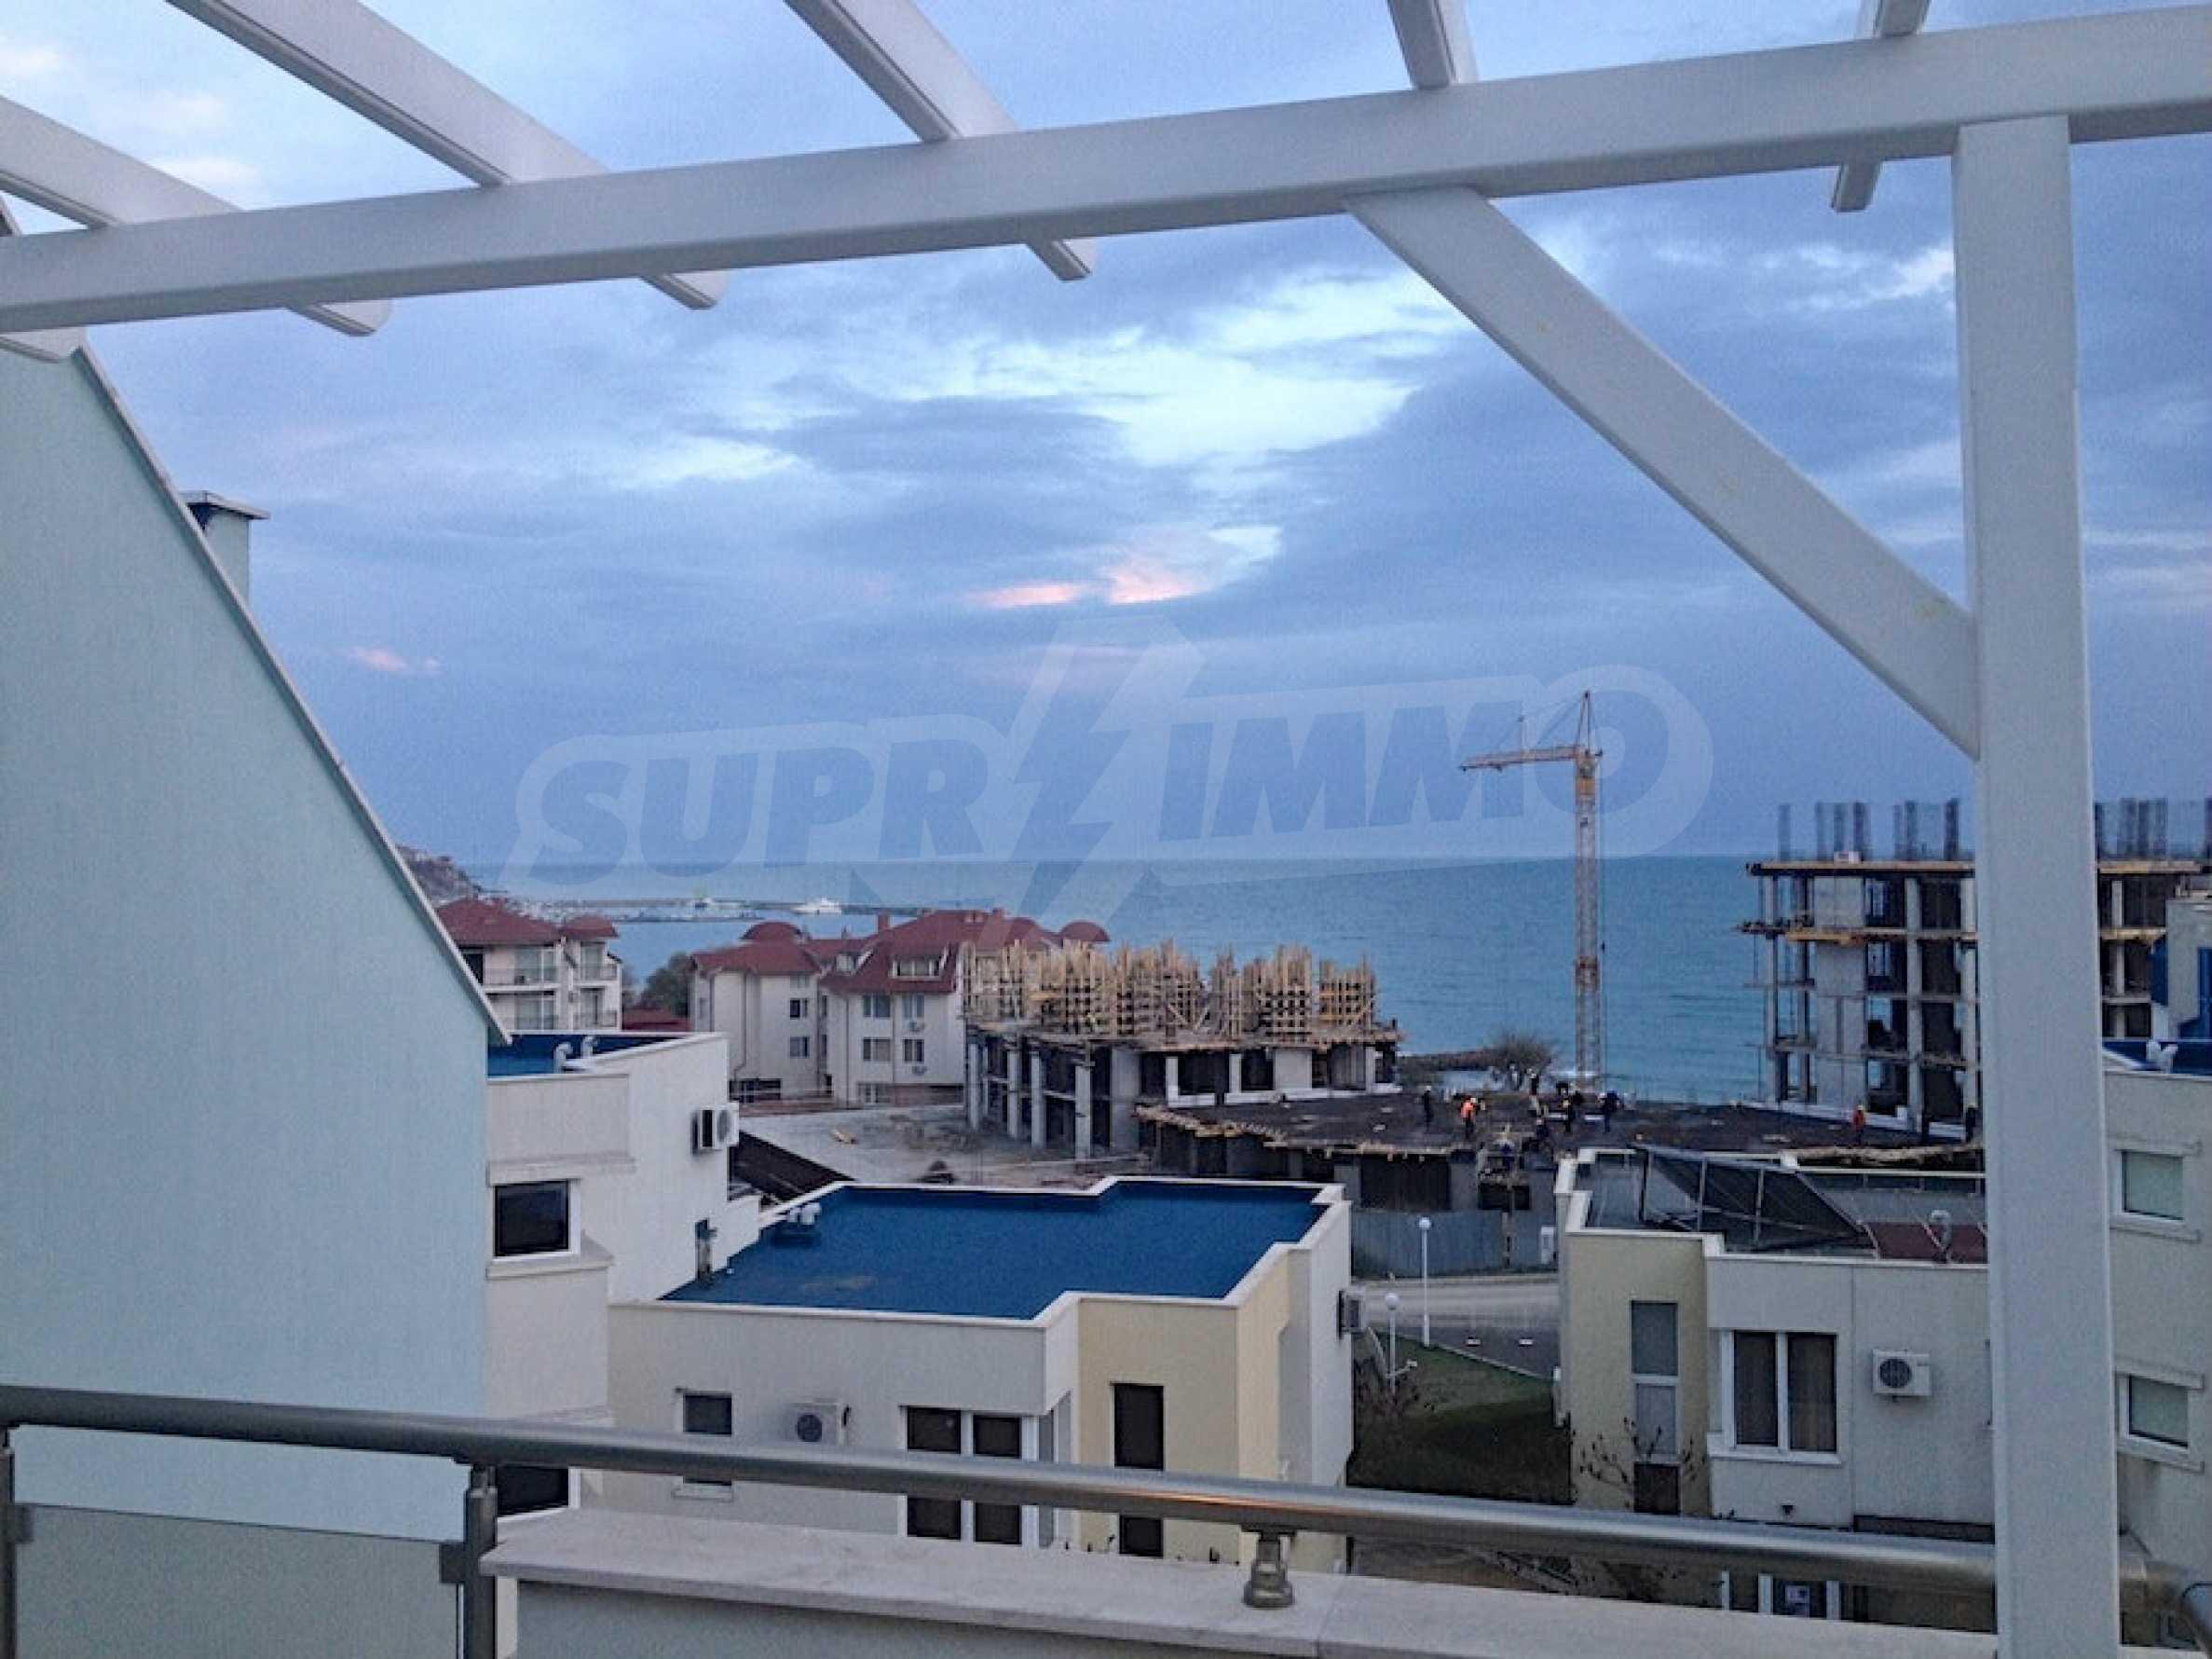 Zwei-Zimmer-Wohnung in einem Komplex 50 Meter vom Meer entfernt 12